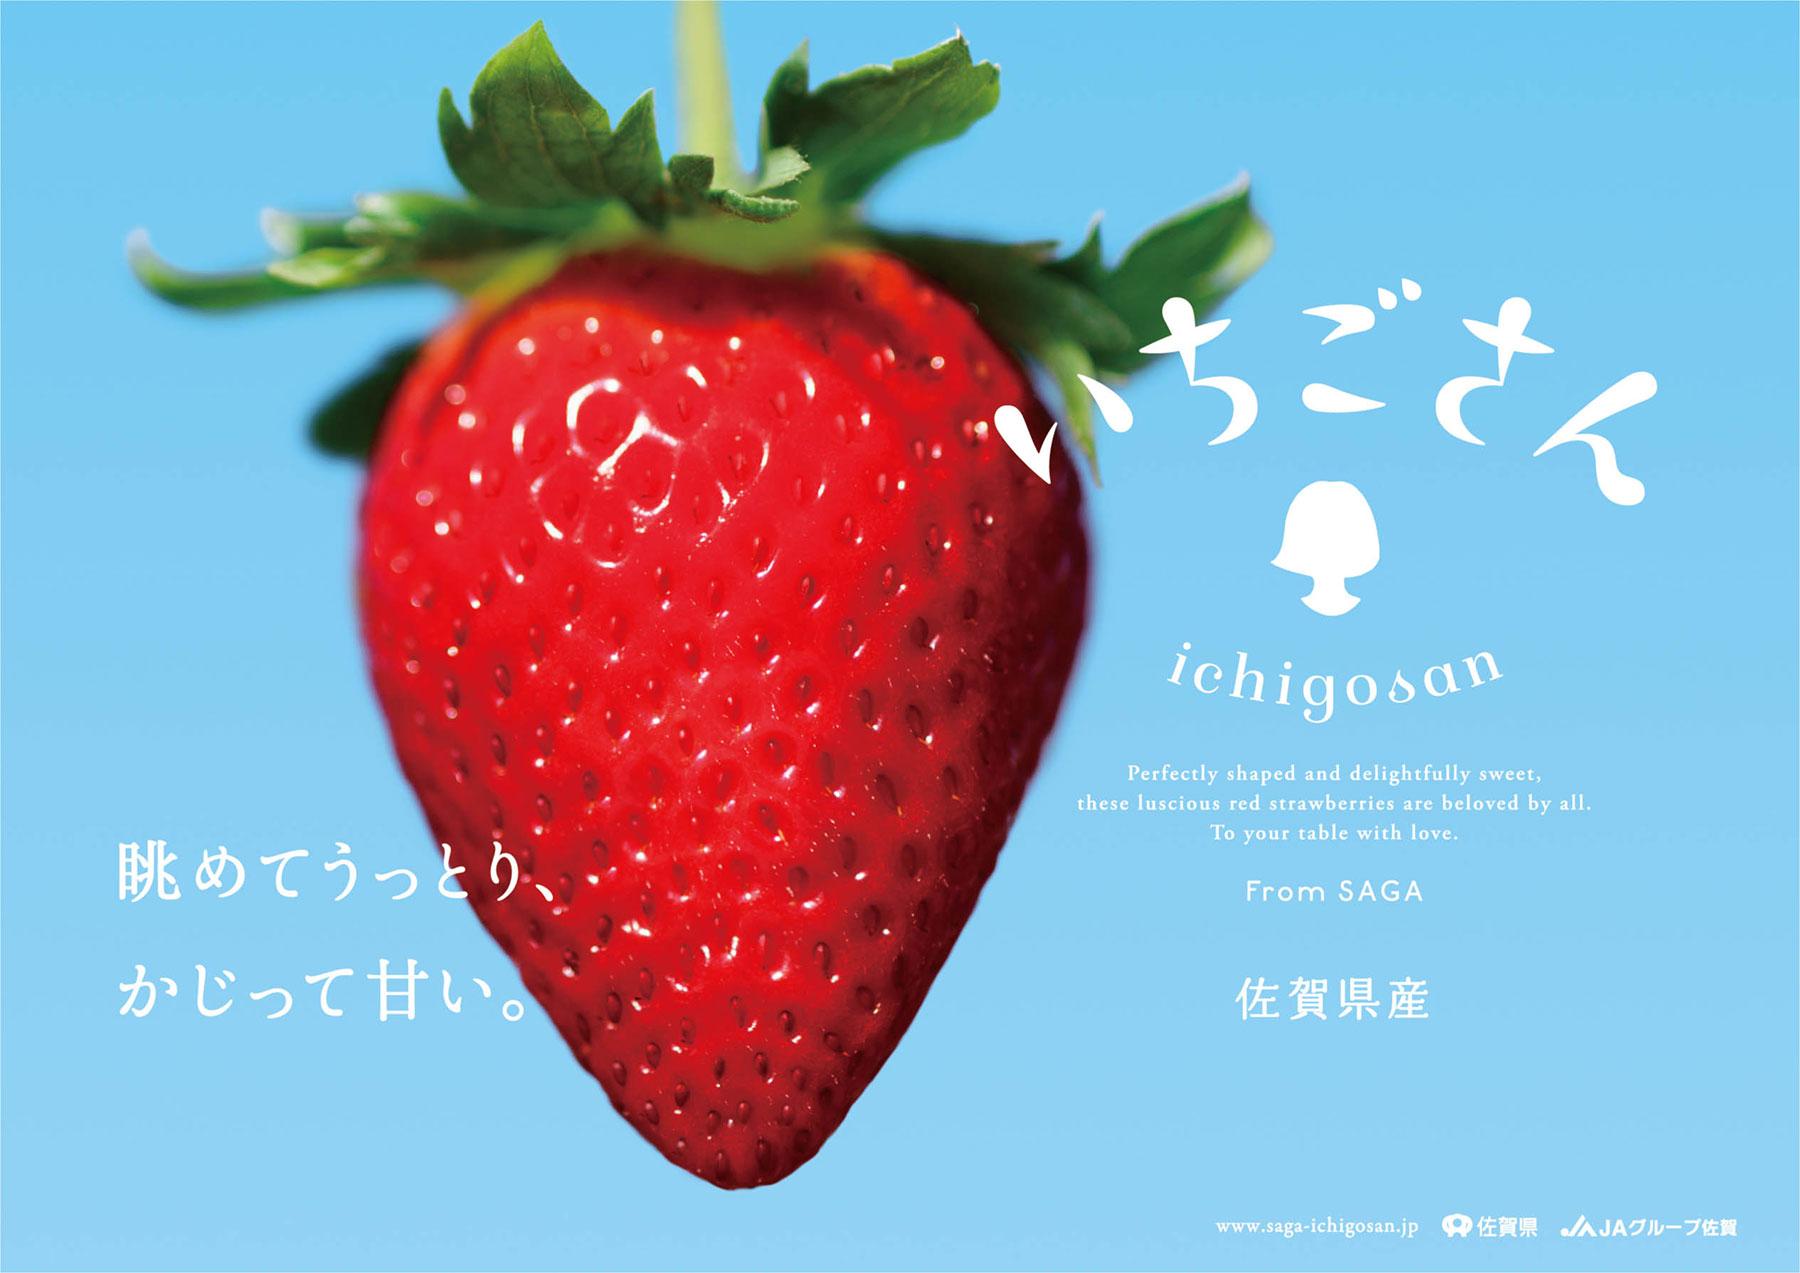 ichigosan